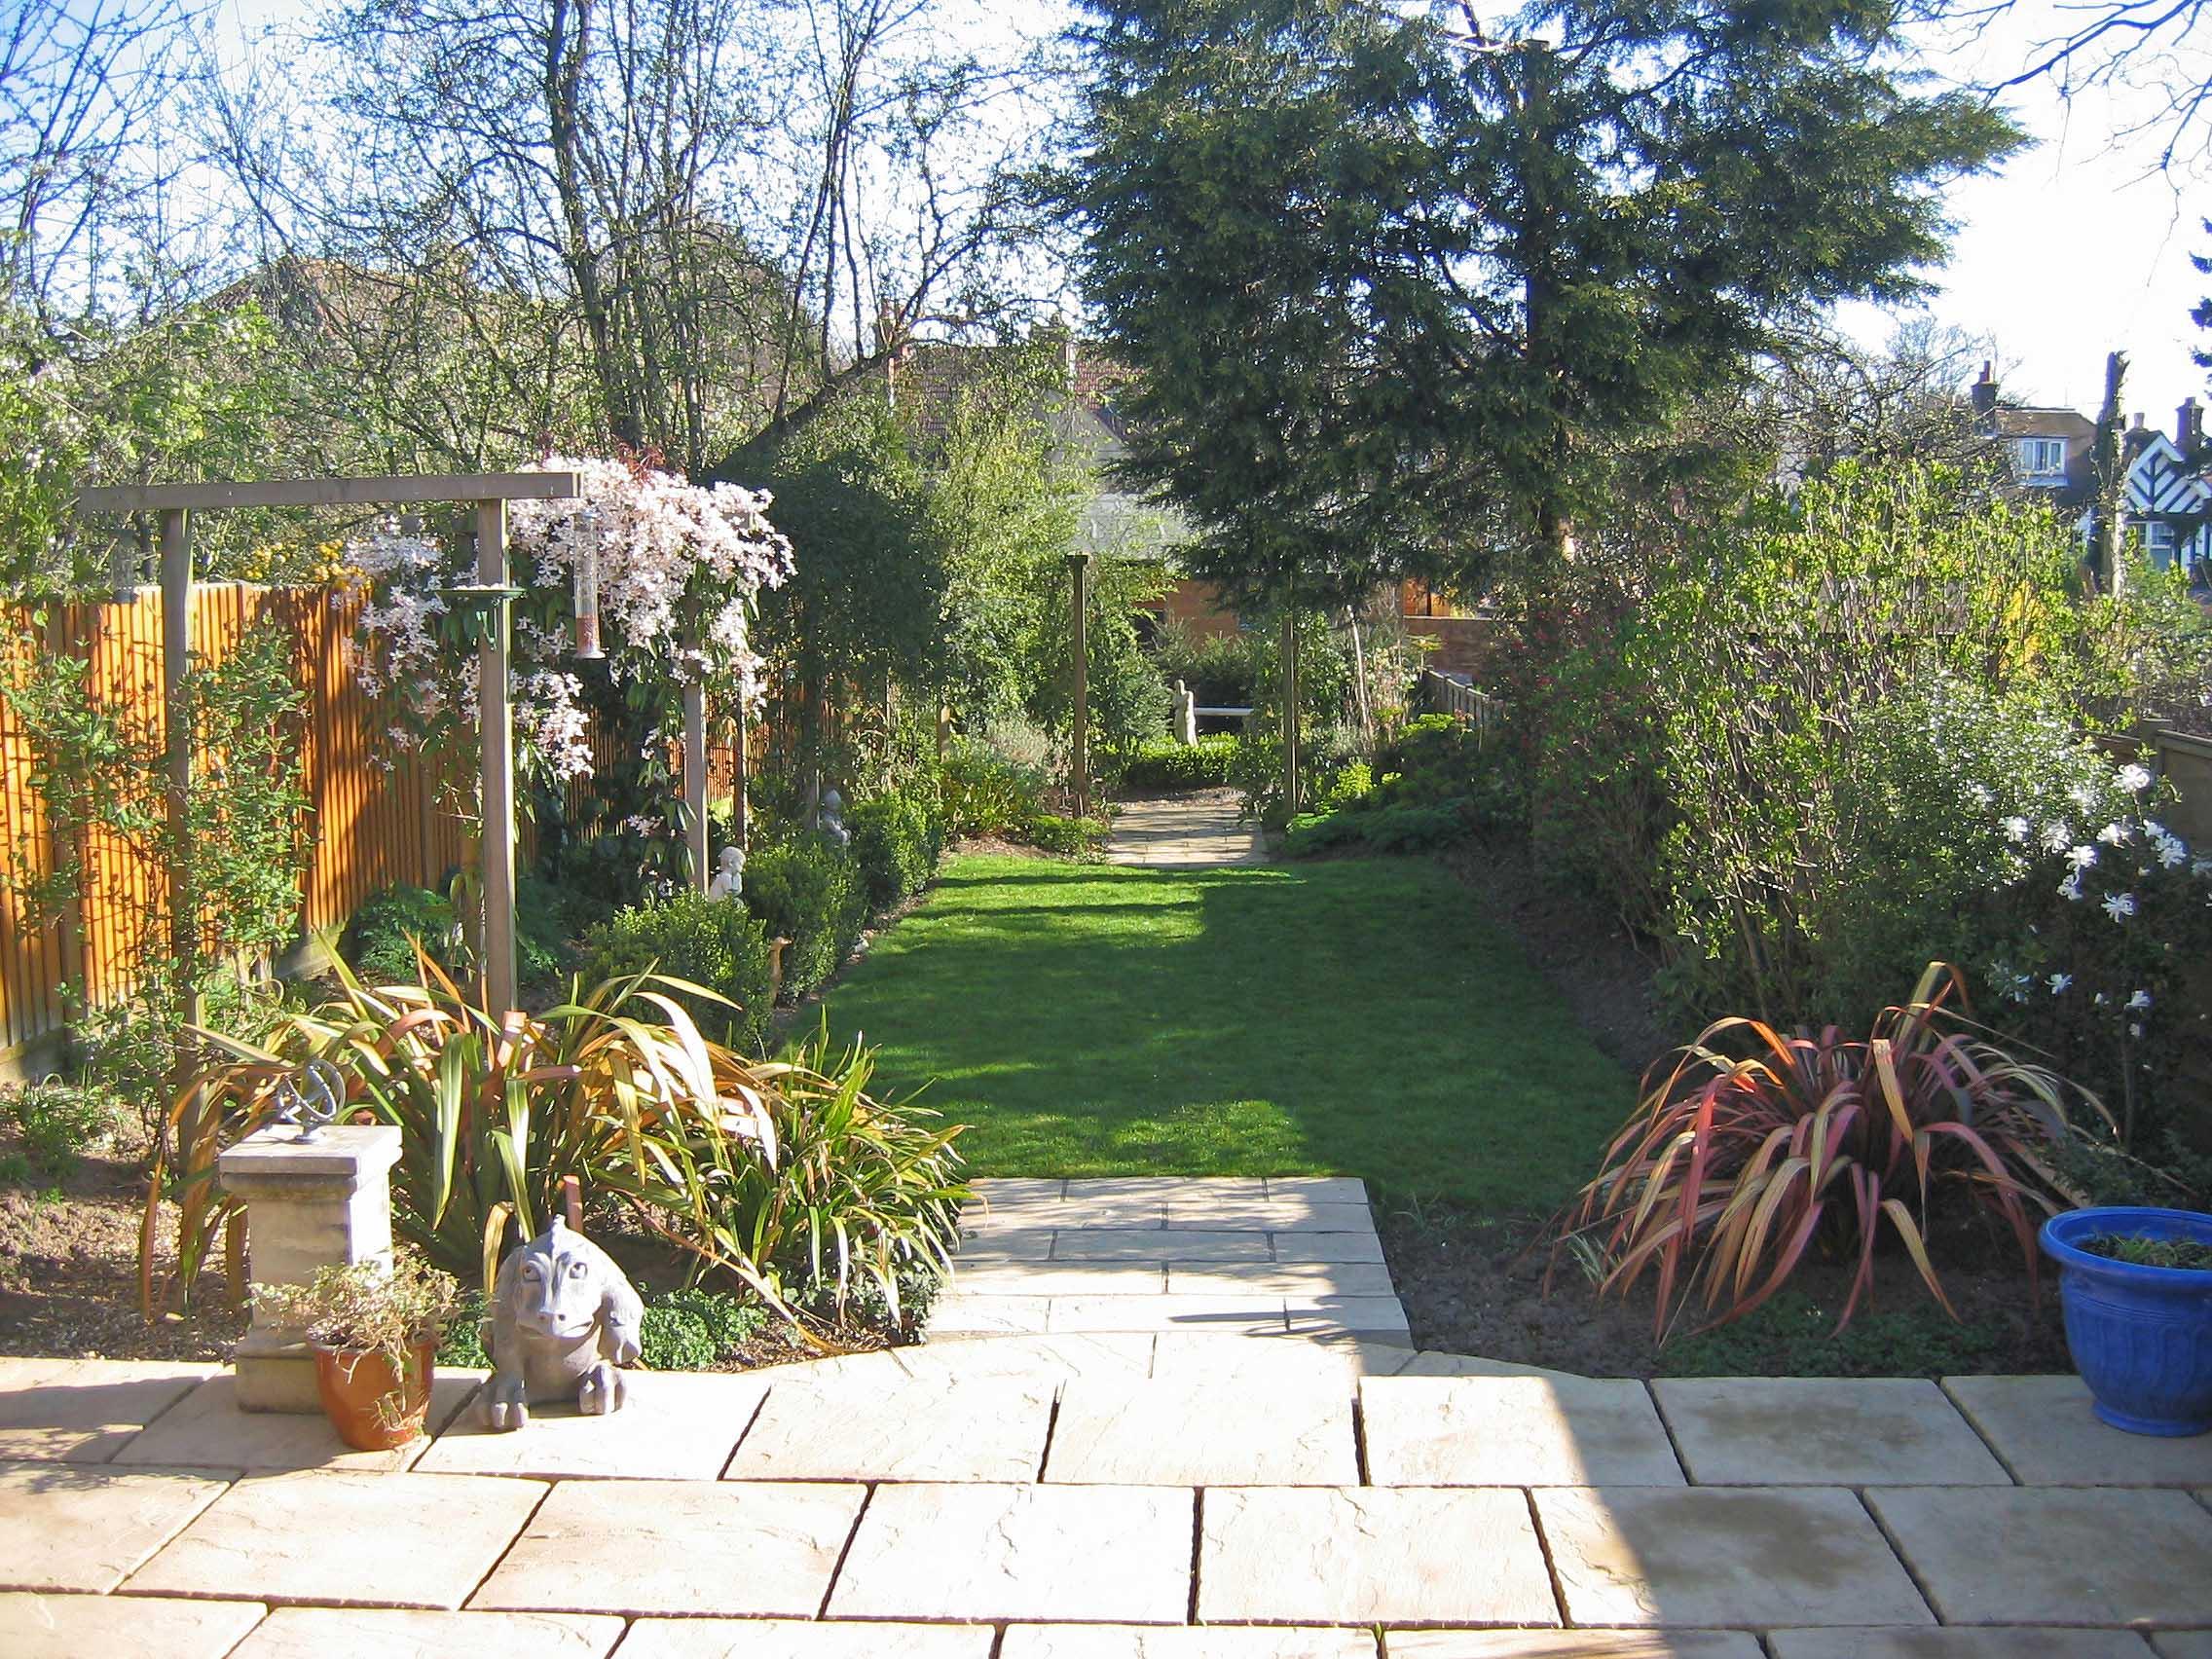 3. Jo's garden